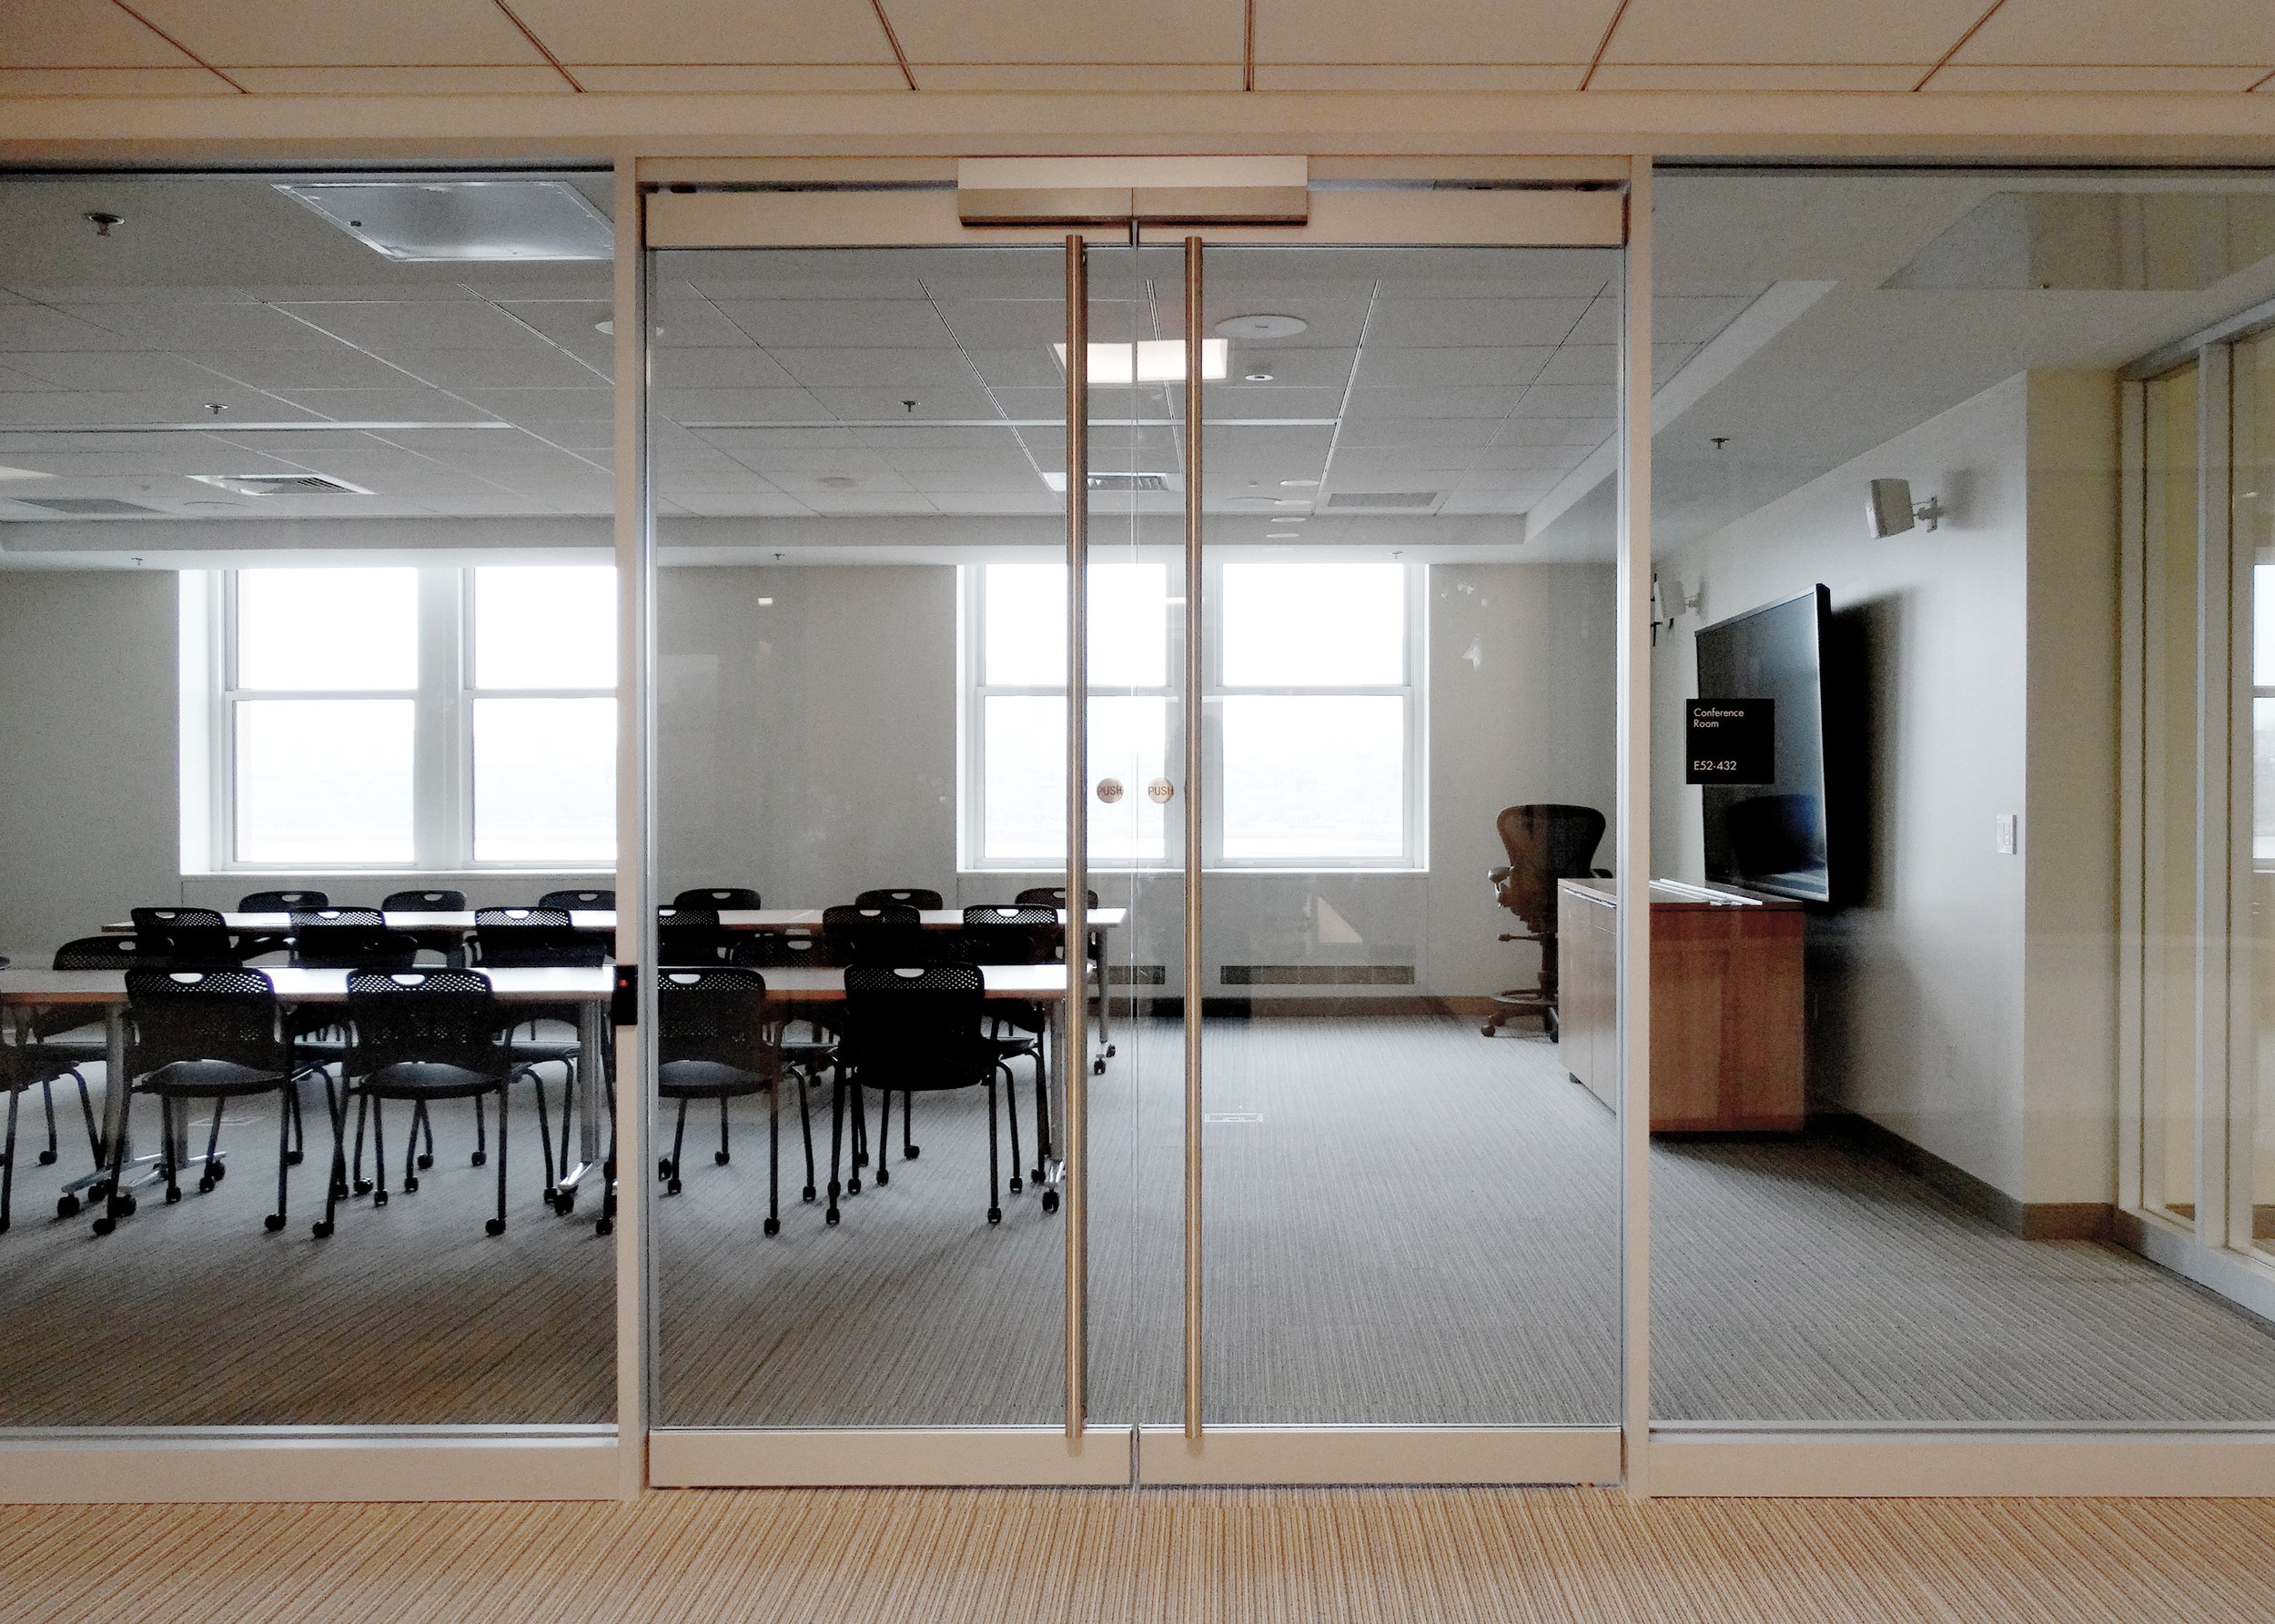 Encase Aluminum Framed Wall Frameless Glass Double Maglock Door - Spaceworks AI.jpg